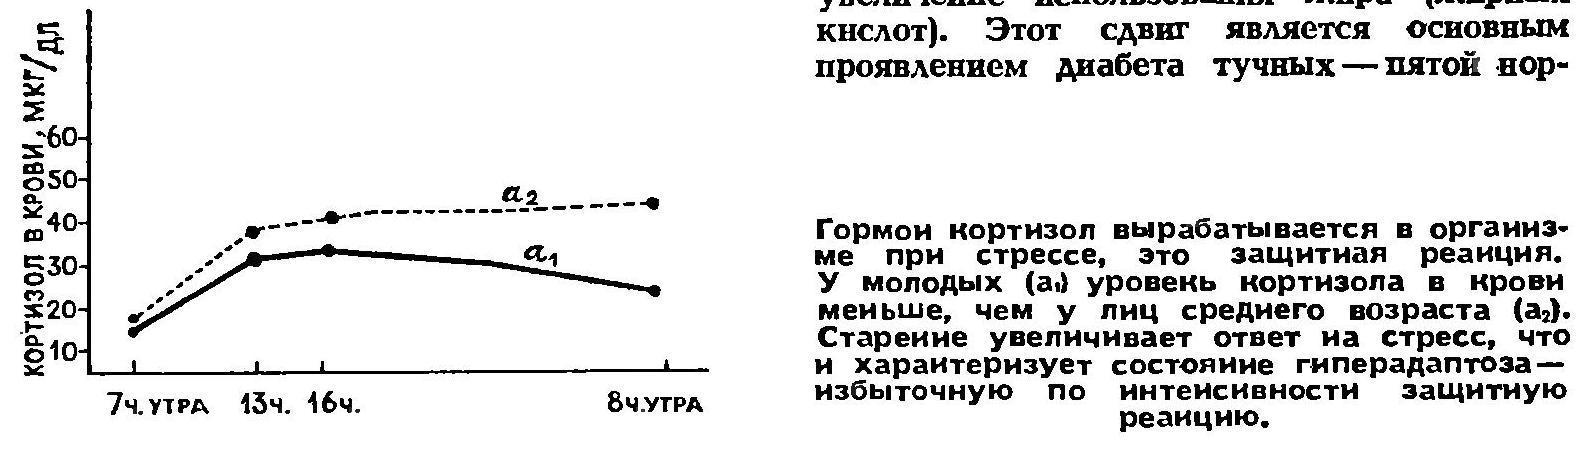 http://i2.imageban.ru/out/2018/02/20/925256c643b8045b7f5c8d7135242397.jpg